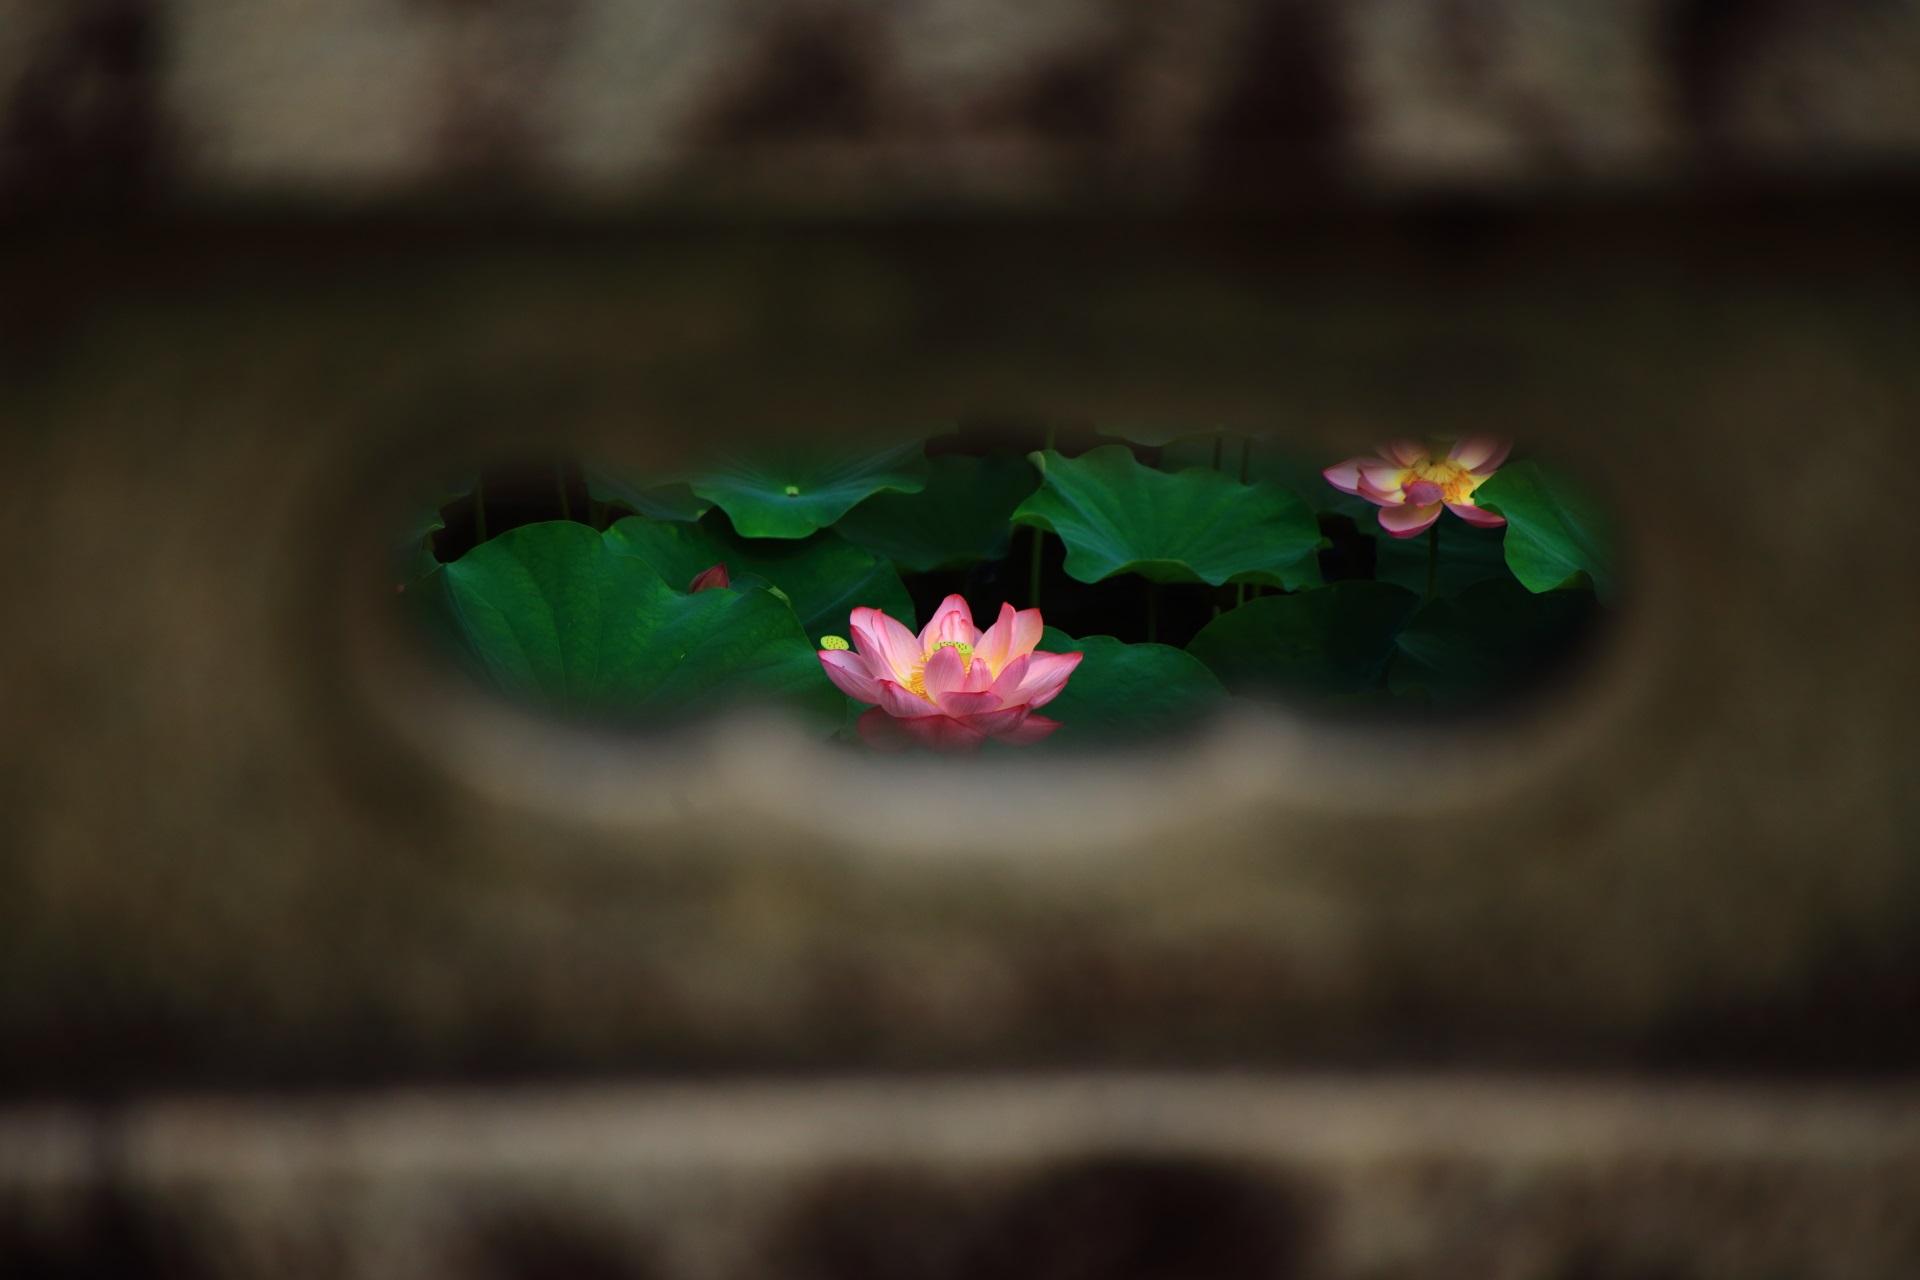 大谷本廟のめがね橋から眺めた非常に絵になる蓮の花